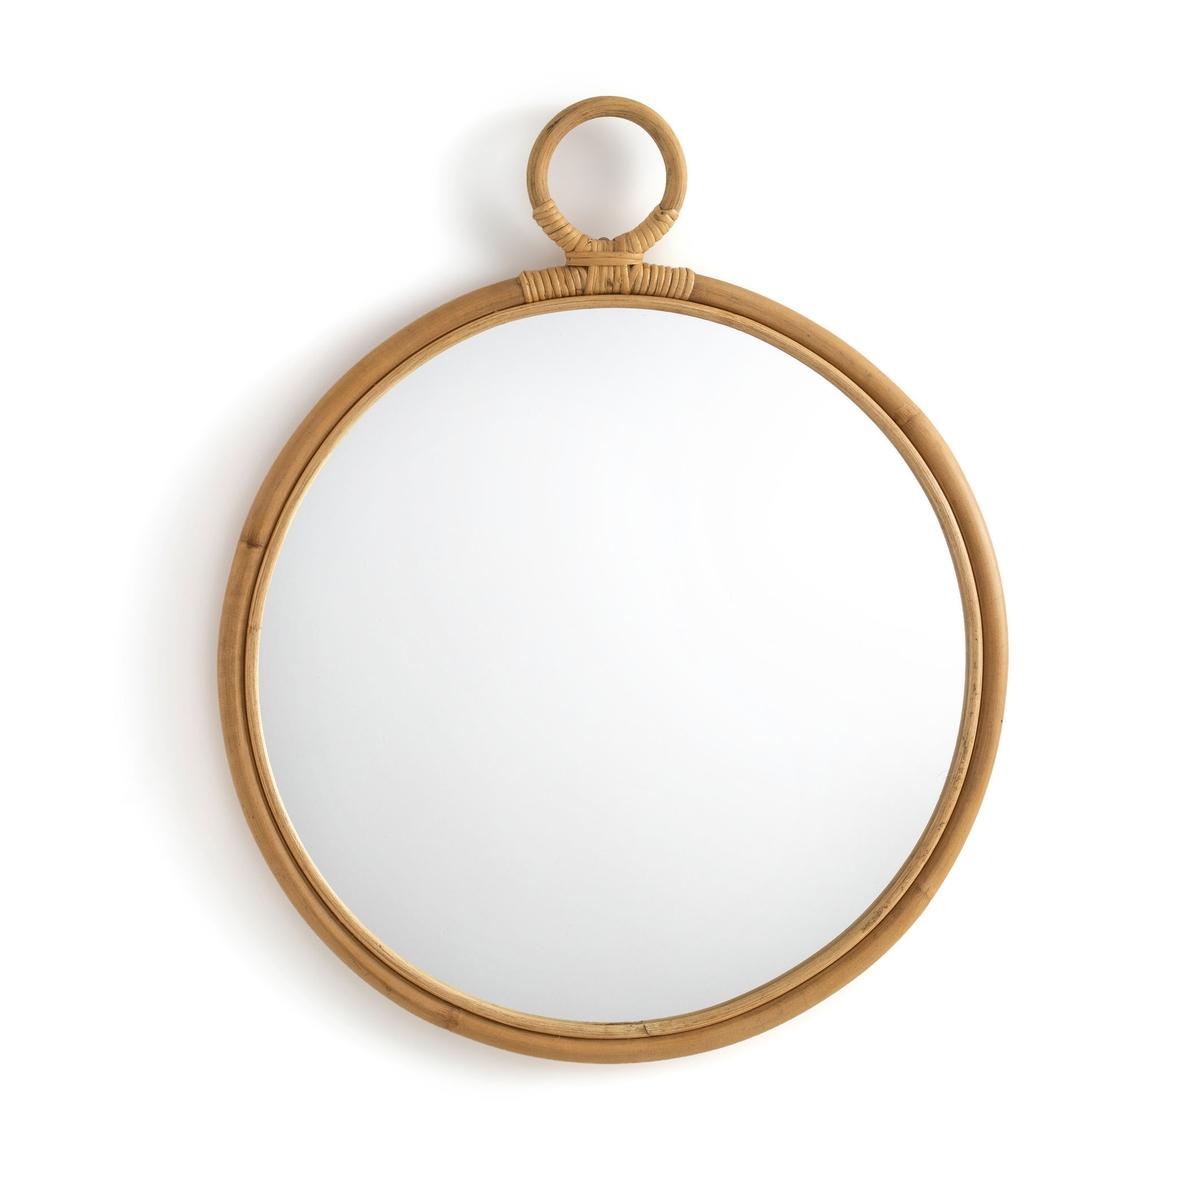 Зеркало La Redoute Круглое из ротанга Nogu единый размер бежевый зеркало la redoute из ротанга в форме яблока nogu единый размер бежевый